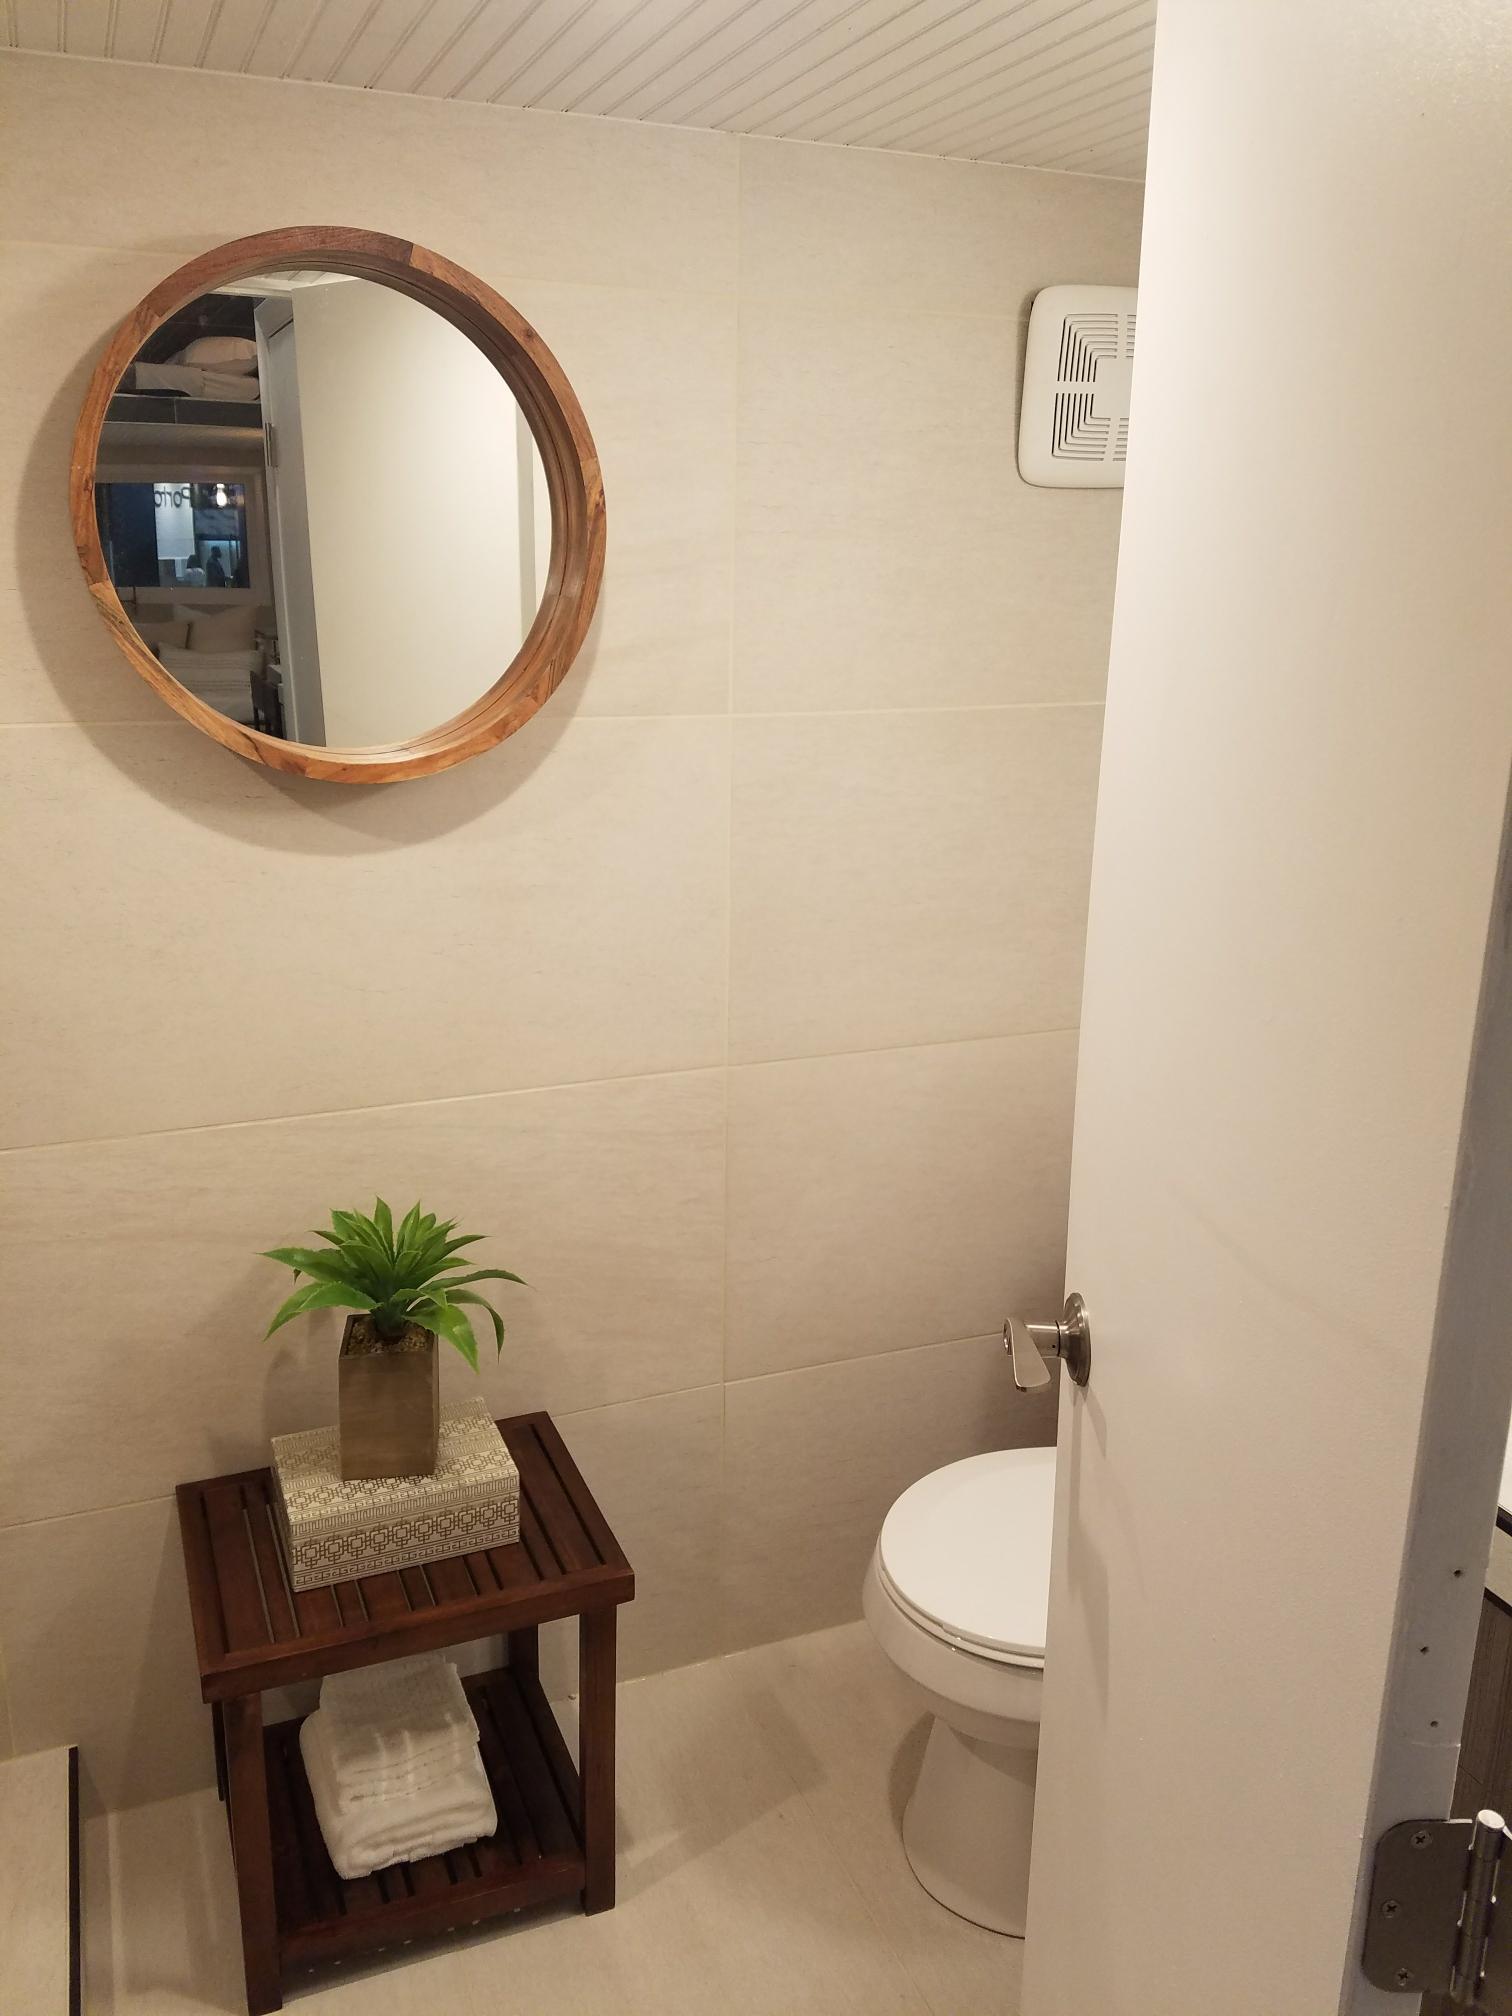 residential bath porcelin tiny home.jpeg